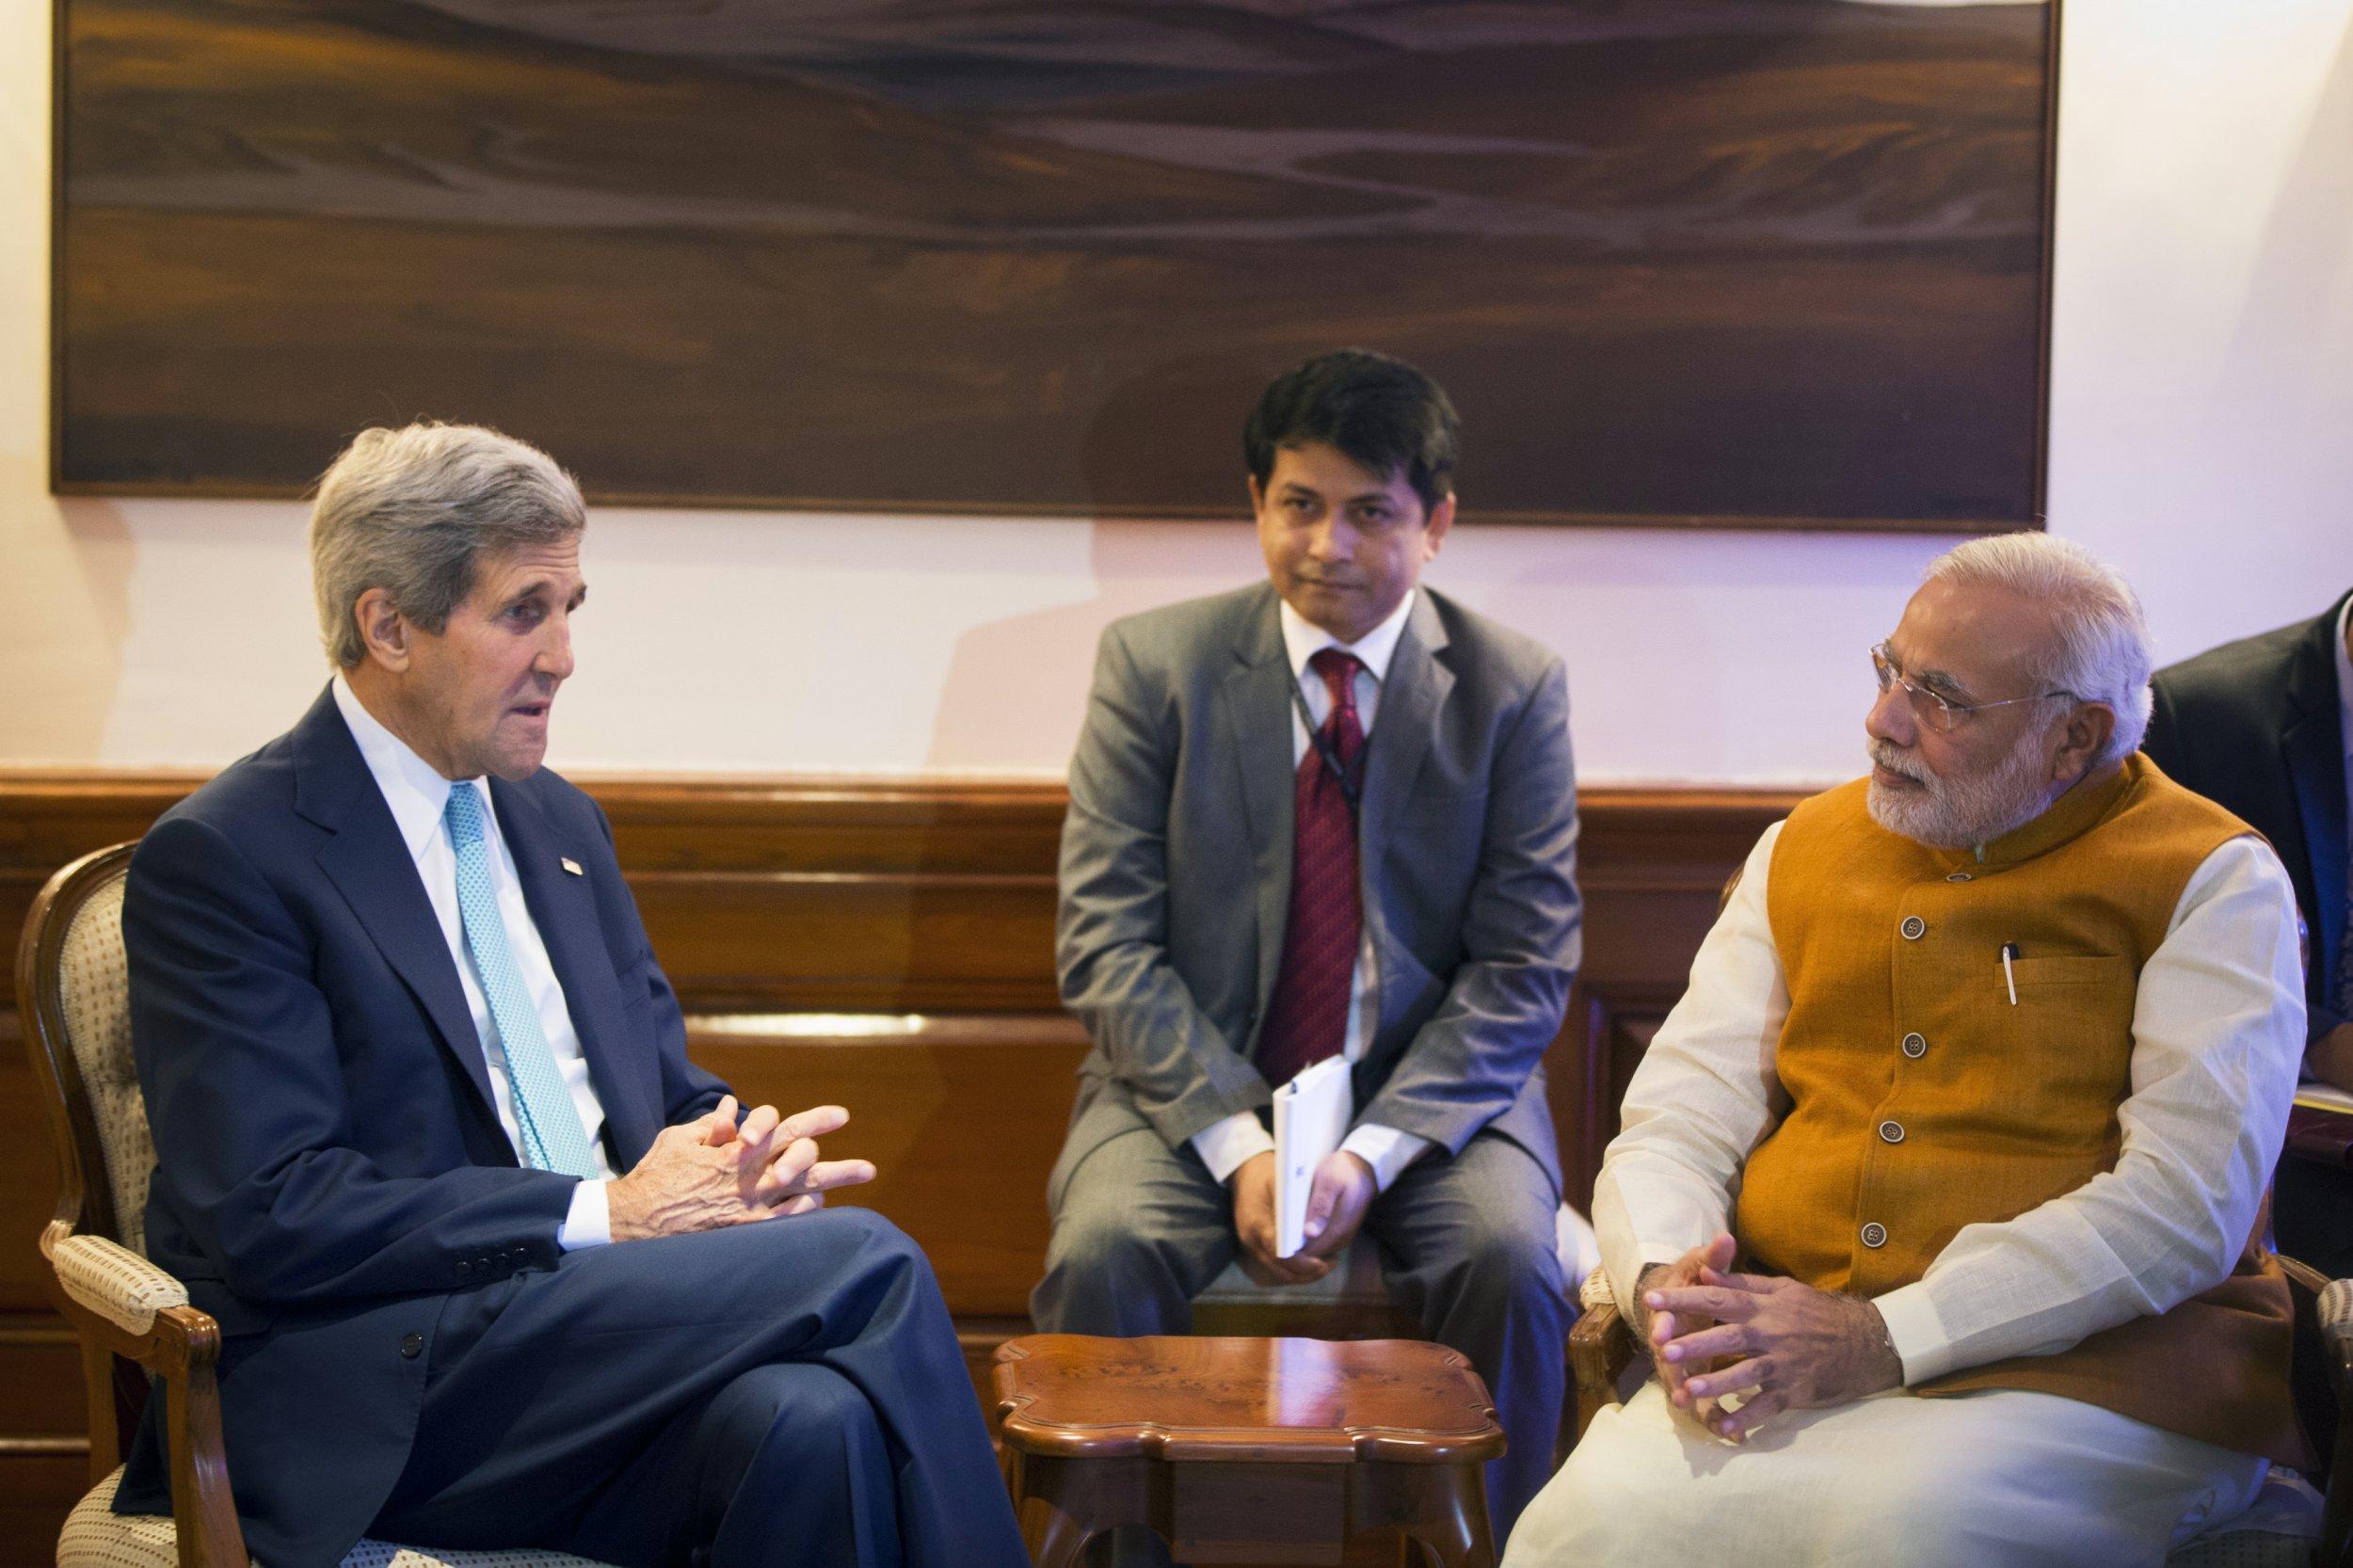 Kerry and Modi